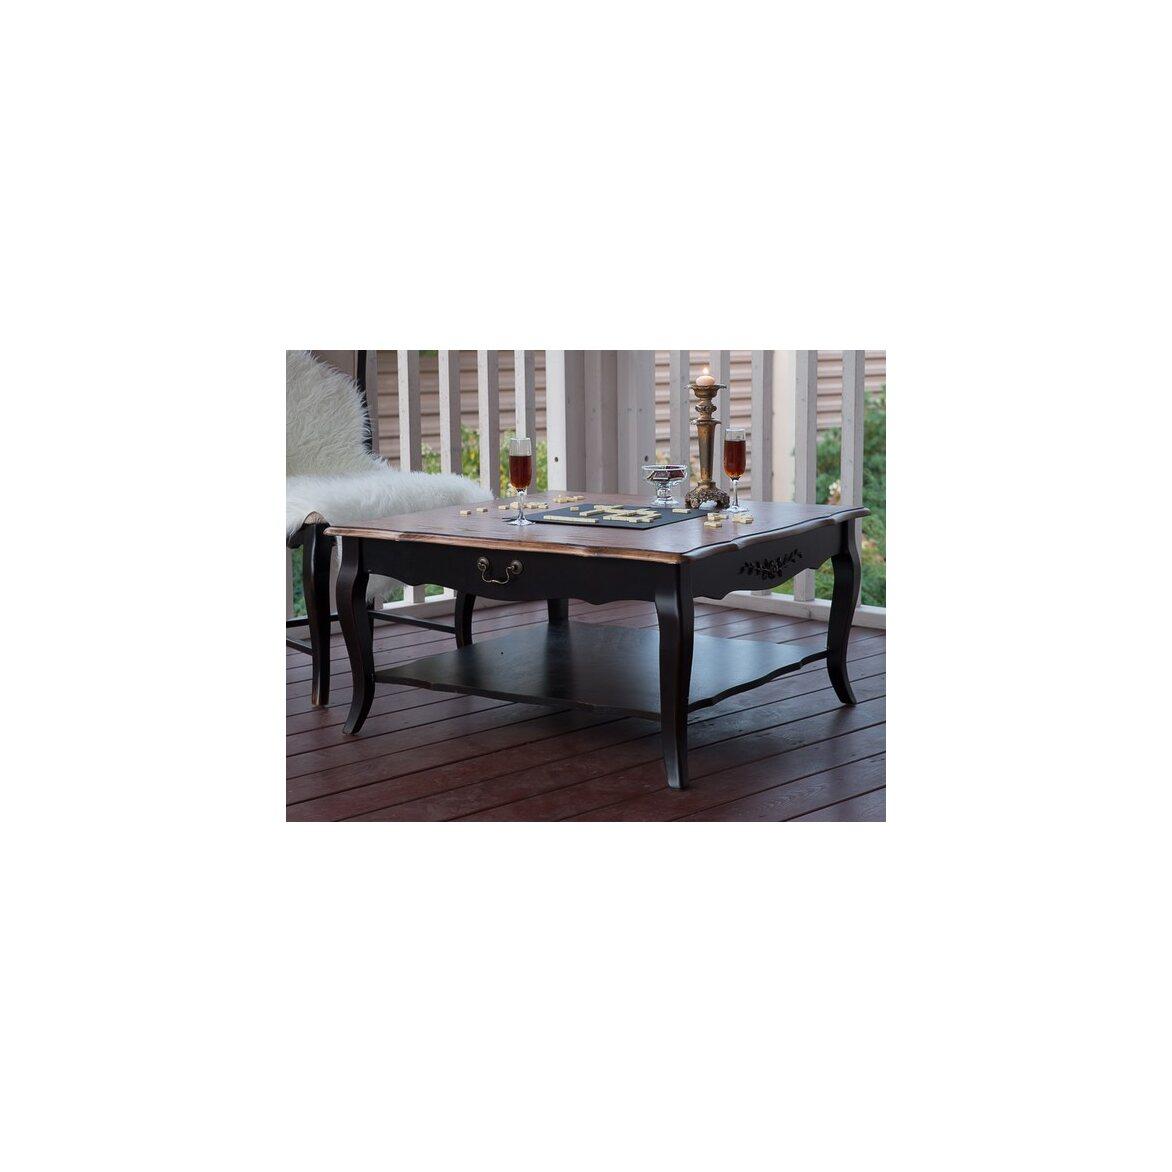 Квадратный низкий чайный столик Leontina, черного цвета 5 | Журнальные столики Kingsby